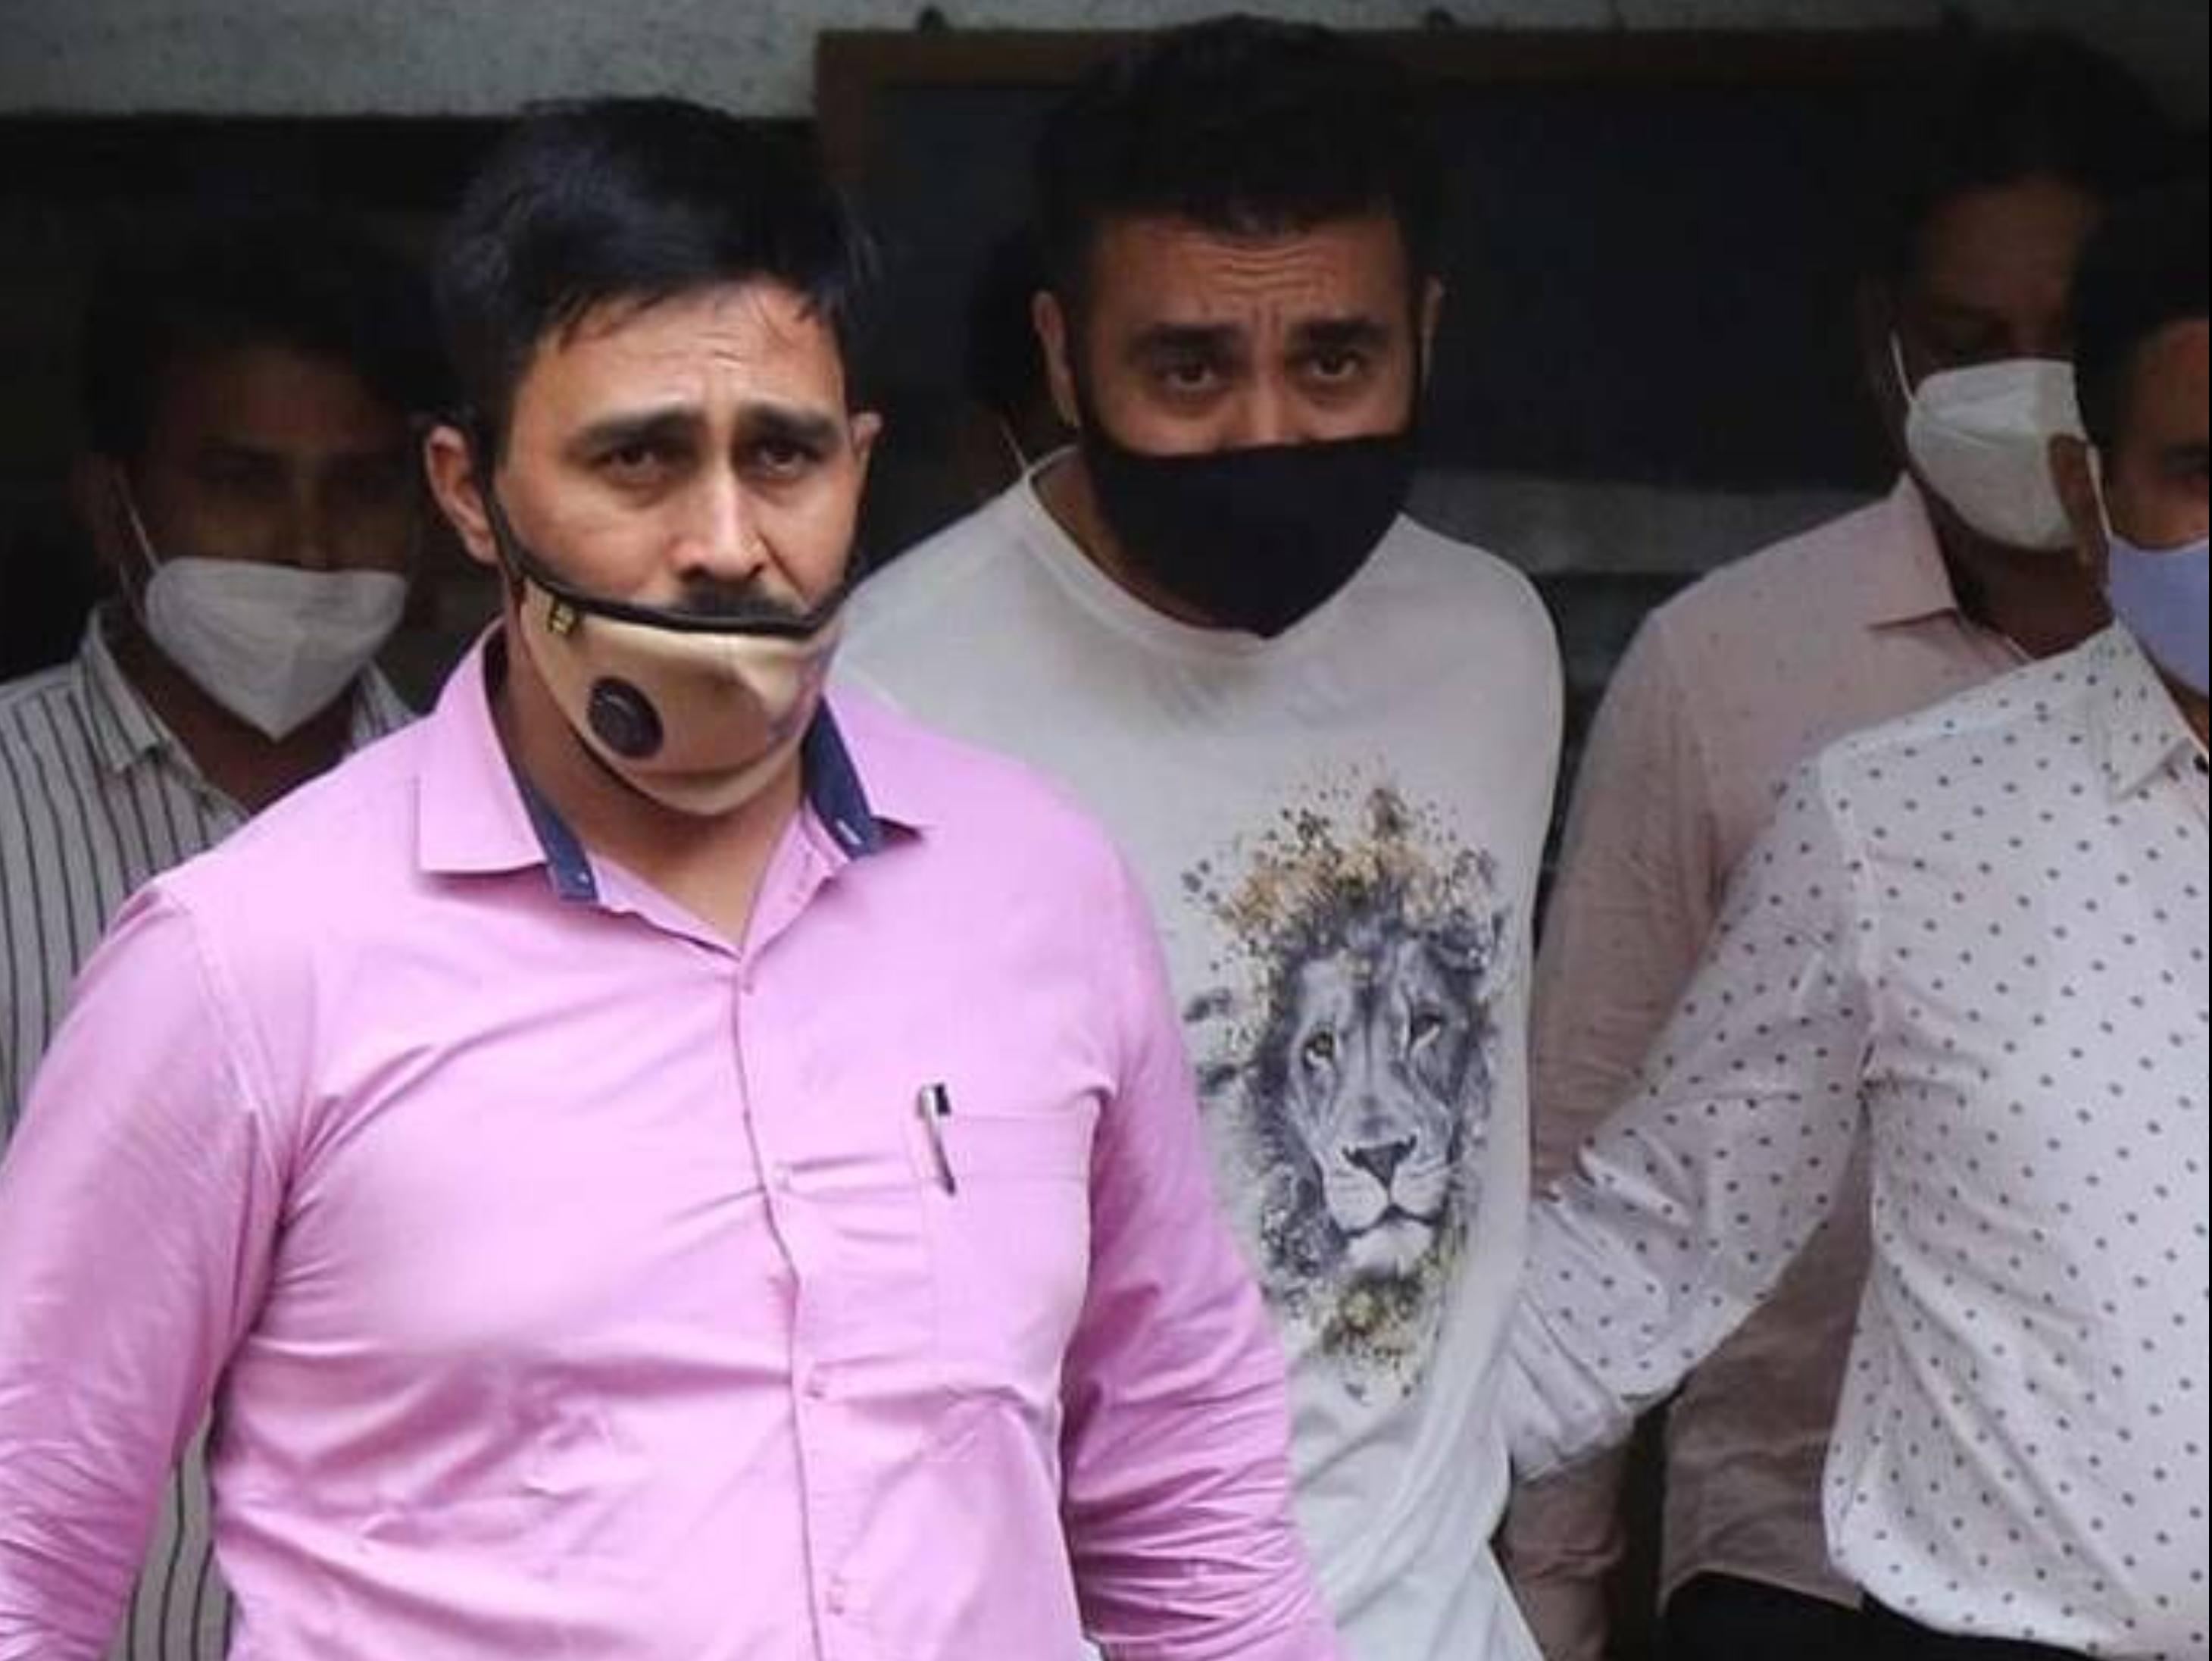 बॉम्बे हाईकोर्ट ने राज कुंद्रा की जमानत पर सुनवाई 29 जुलाई तक टाली, जांच अफसरों को अगली हियरिंग में मौजूद रहने का आदेश|बॉलीवुड,Bollywood - Dainik Bhaskar